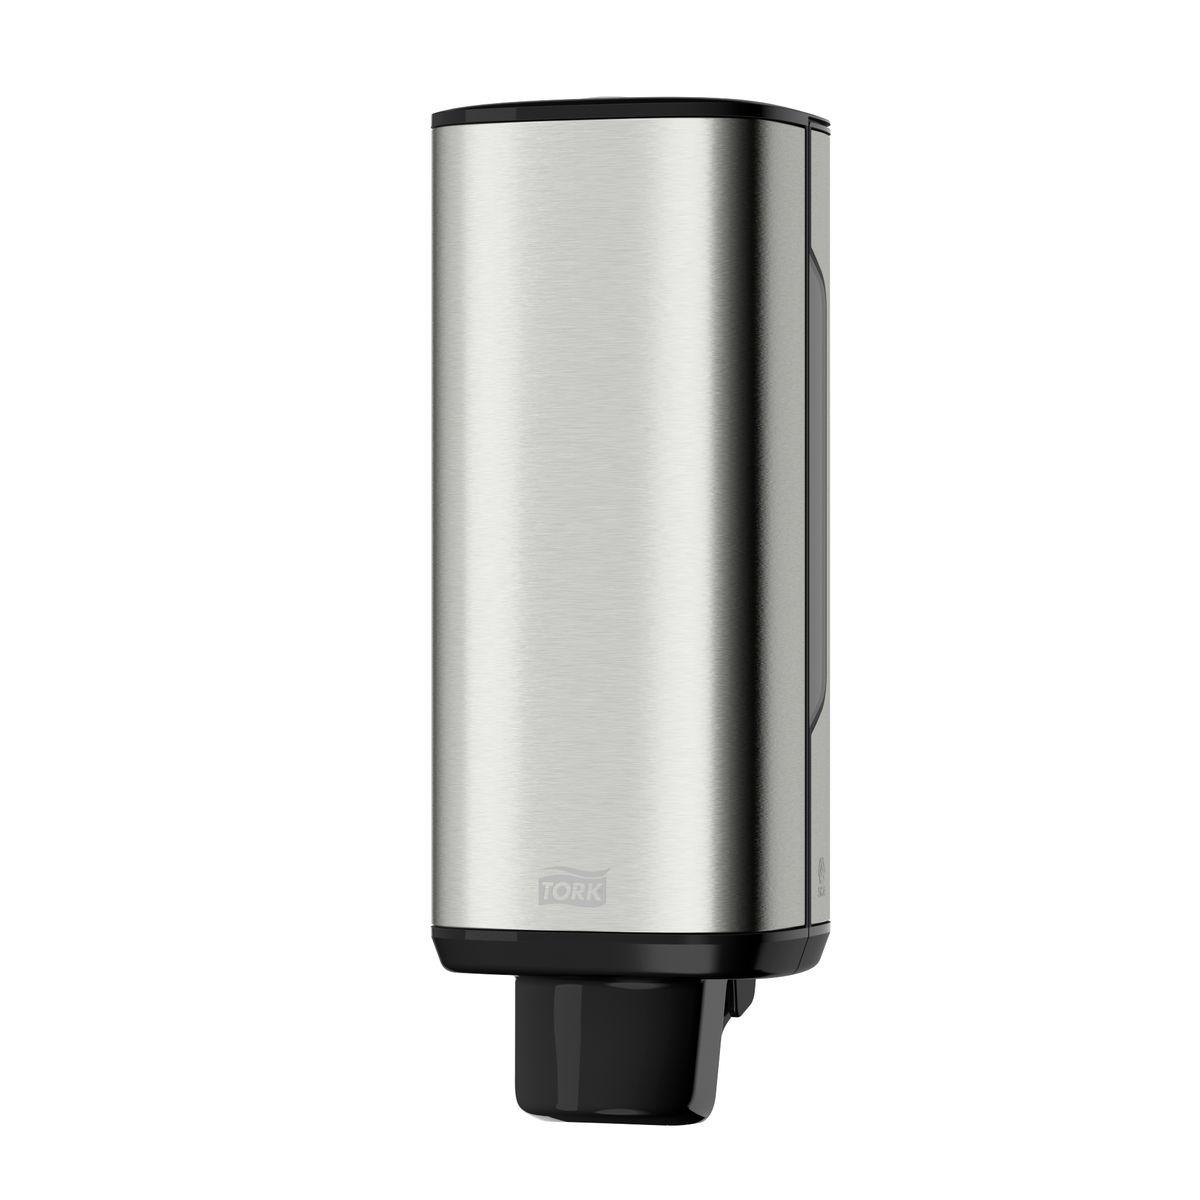 Диспенсер для мыла Tork, цвет: металл. 46001020160Диспенсер Tork обладает уникальными характеристиками: - Сочетание нержавеющей стали и пластика обеспечивает надежность и легкость диспенсера; - На поверхности не остается отпечатков пальцев и мыльных разводов; - Два режима работы замка: закрывается на ключ или работает как кнопка; - Смотровые окошки для быстрого контроля наличия расходного материала; - Высочайший уровень гигиены благодаря одноразовым картриджам; - Экономичный расход - одна порция составляет 0,4 мл мыла-пены; - В диспенсере есть возможность закрепить визитную карточку.